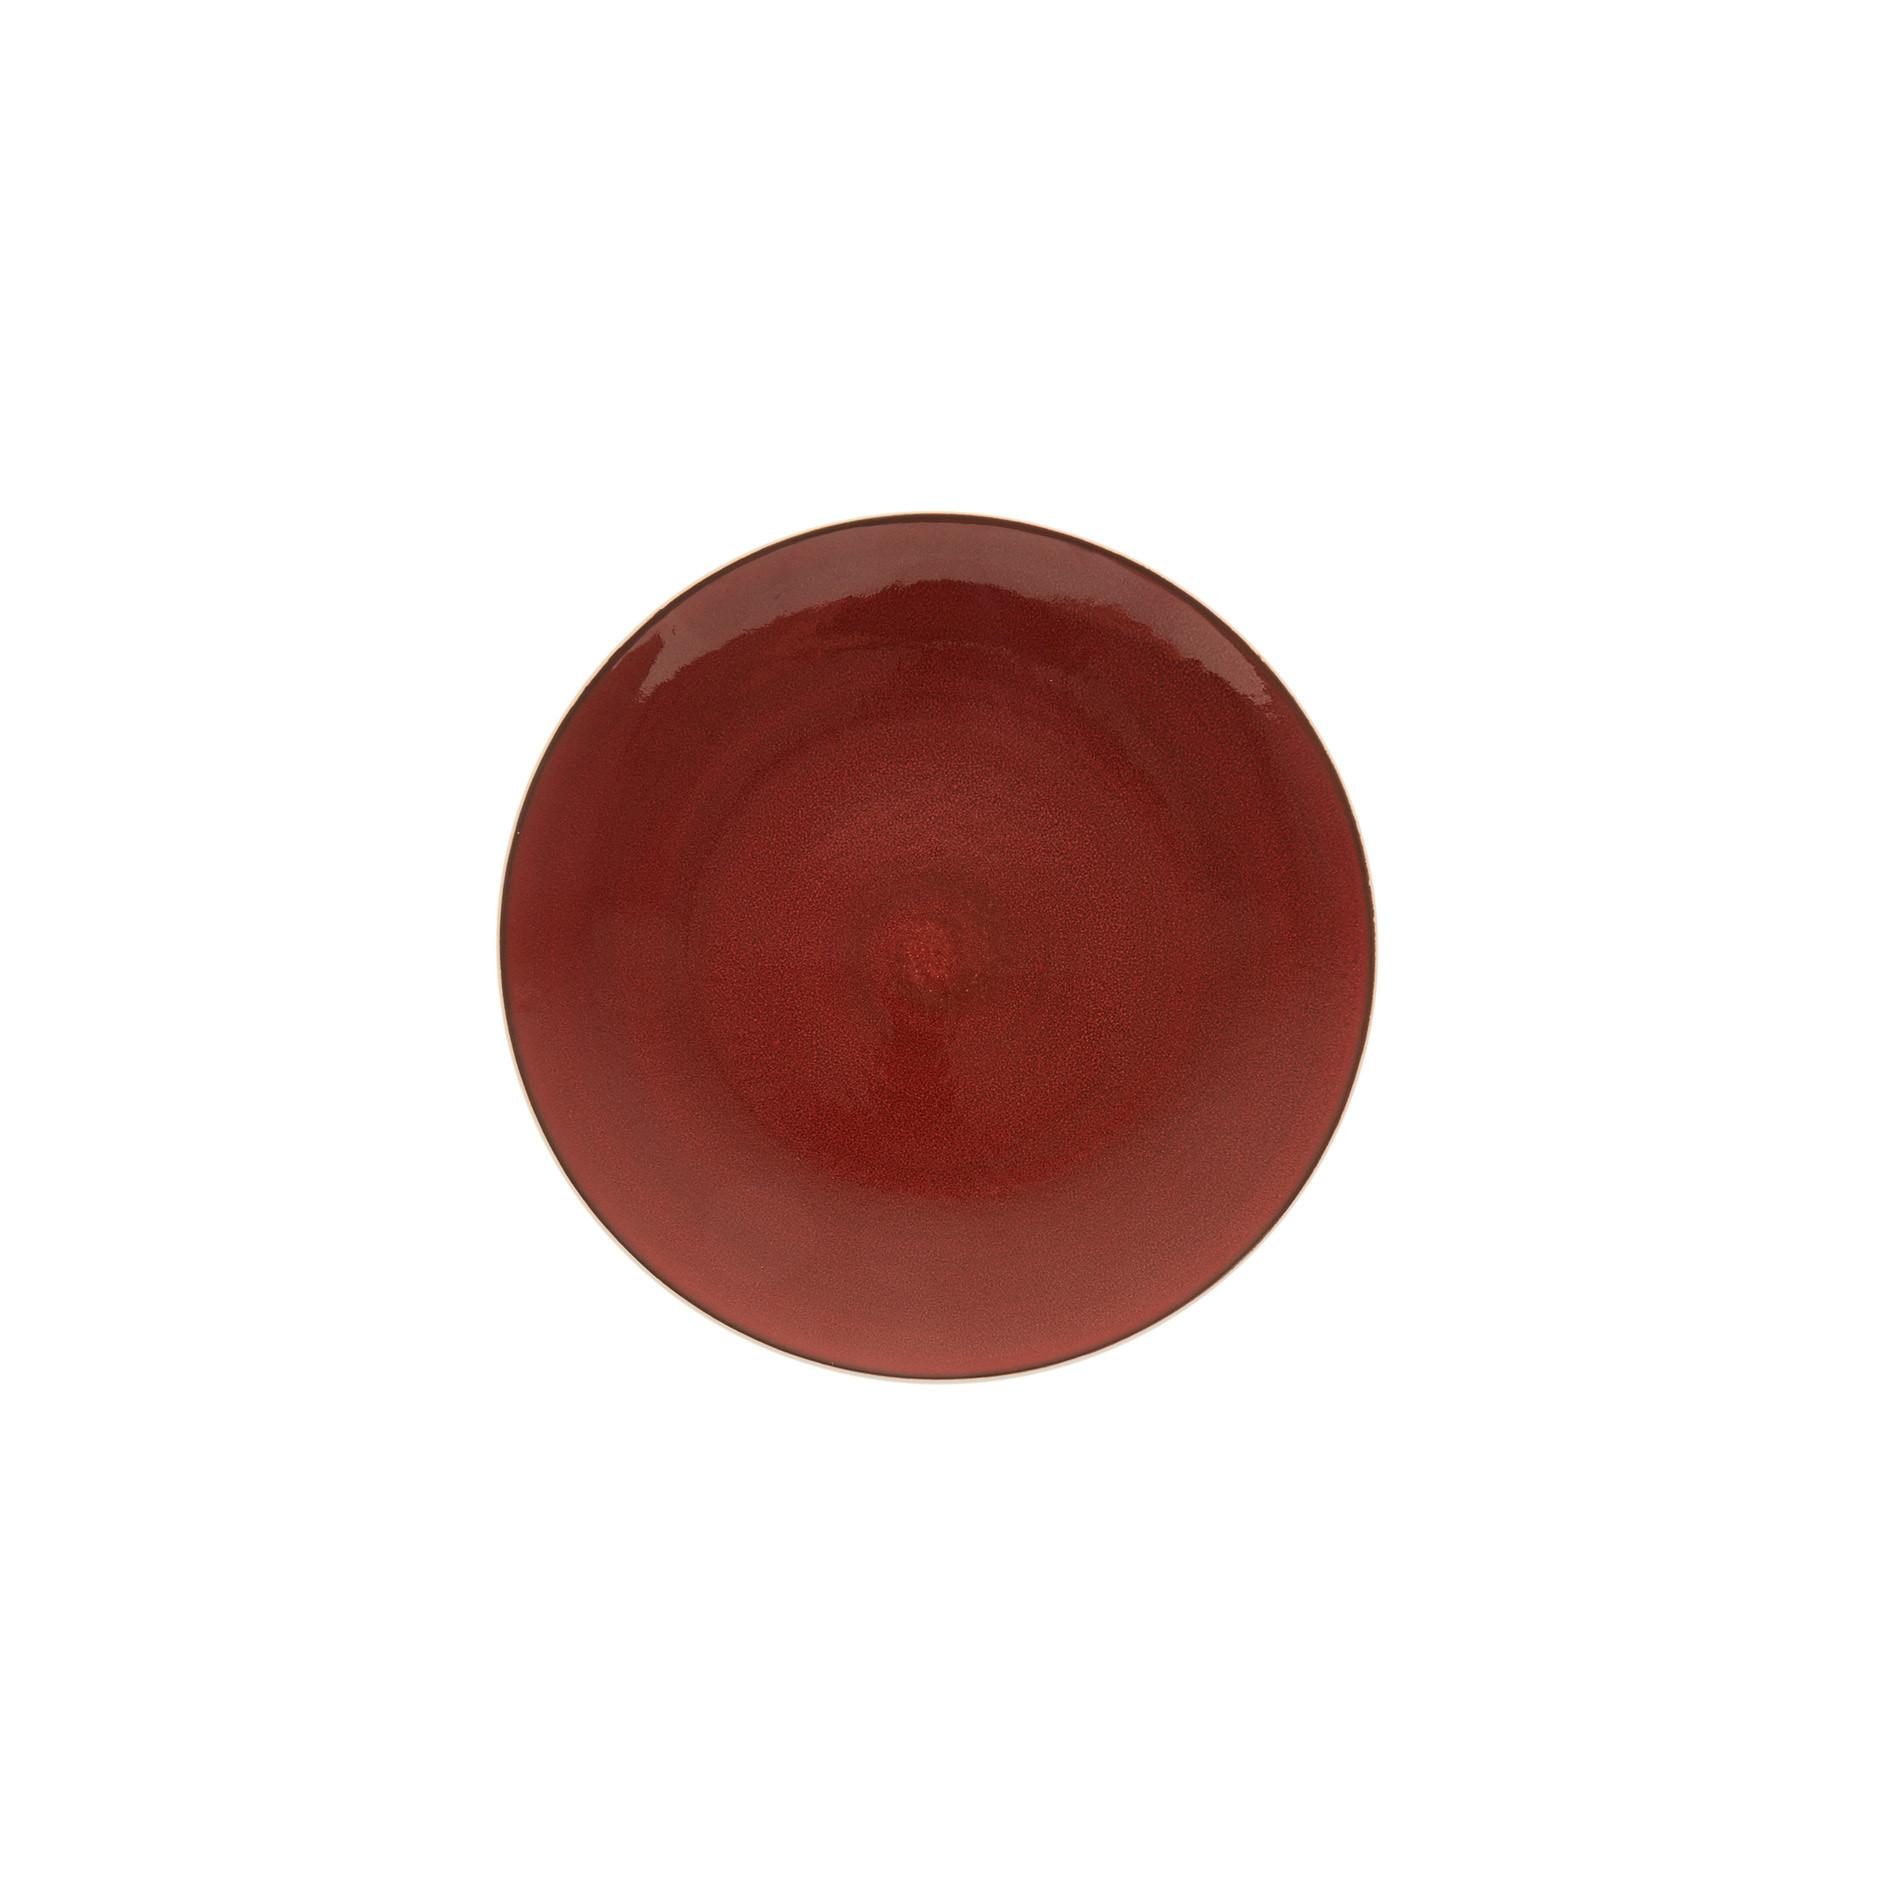 Piatto frutta porcellana effetto puntinato, Bianco/Rosso, large image number 0